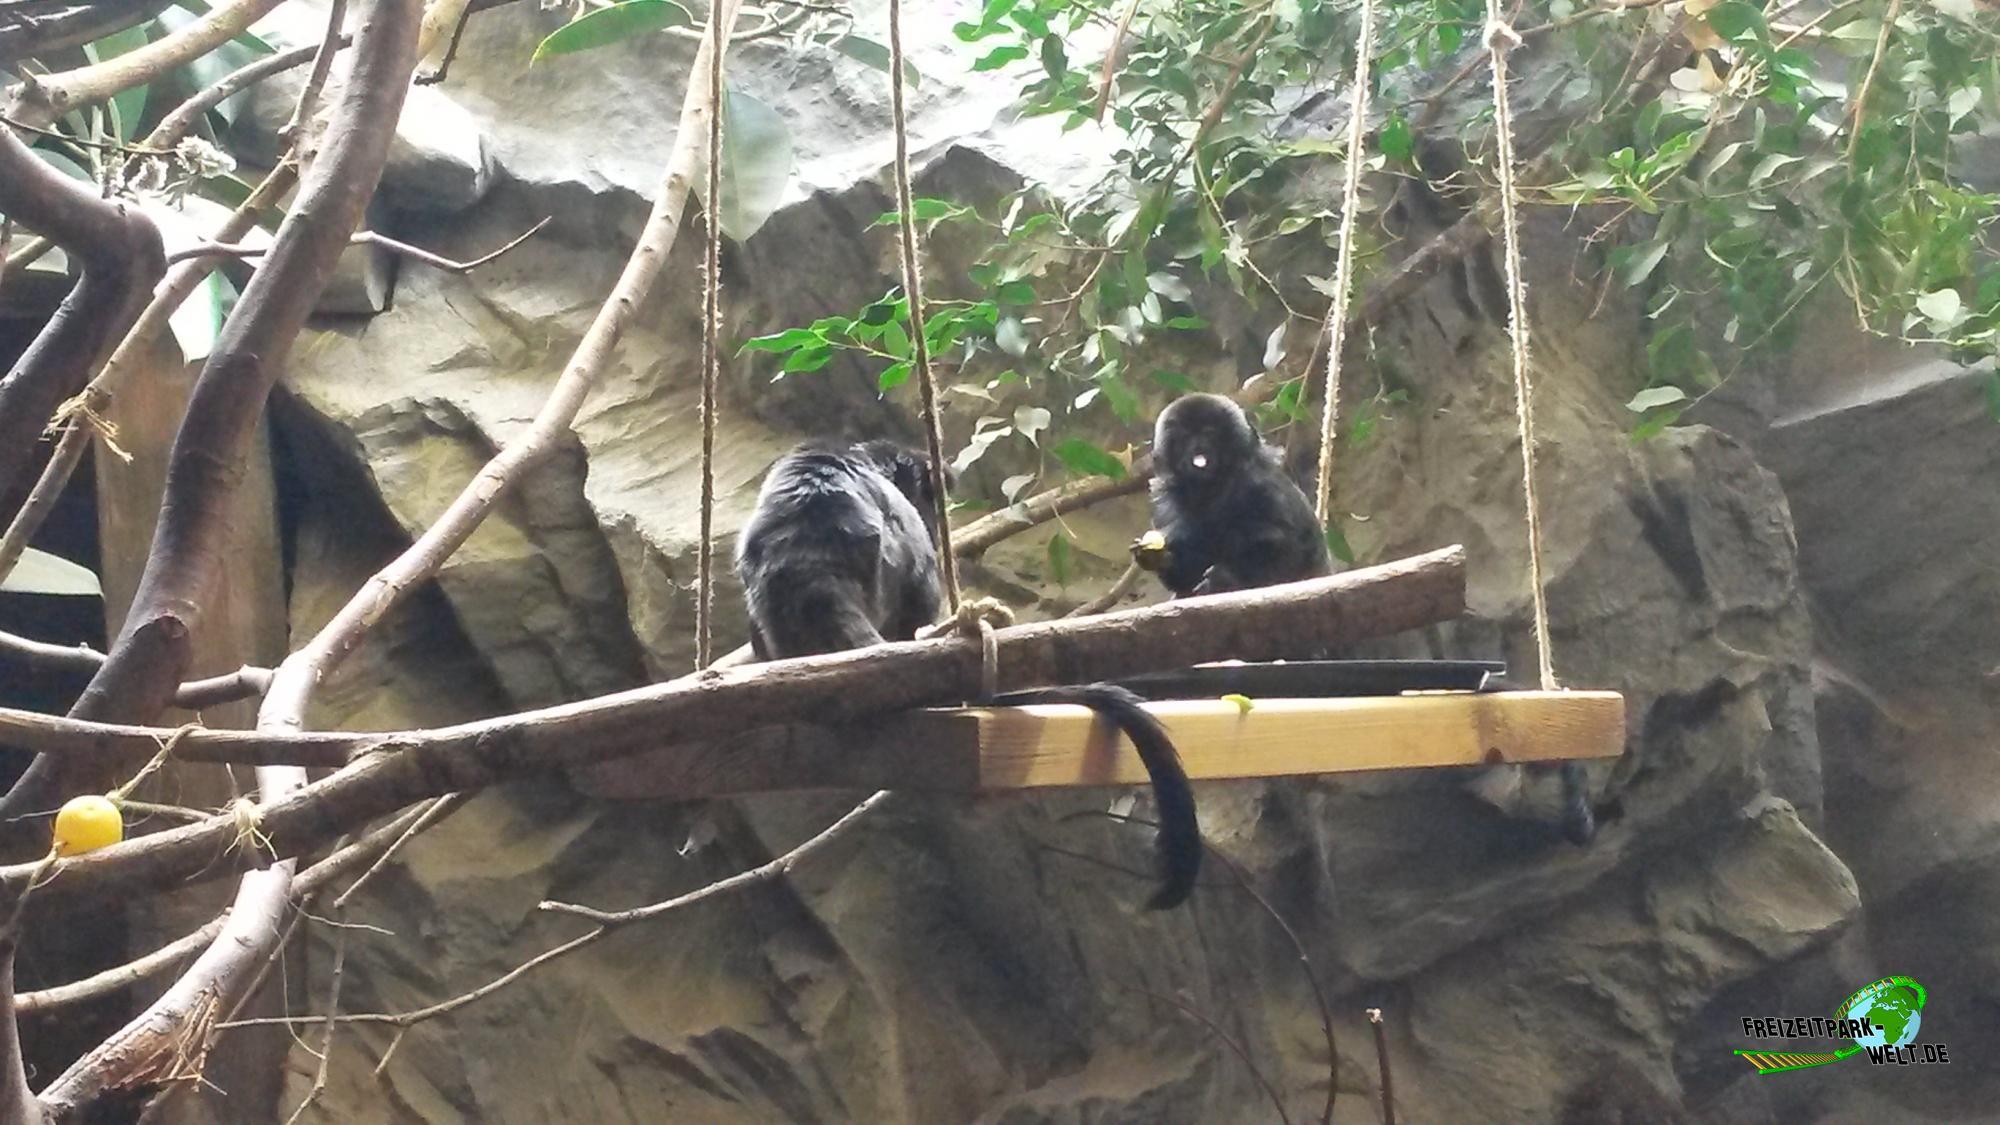 schimpanse zoo neuwied freizeitpark. Black Bedroom Furniture Sets. Home Design Ideas